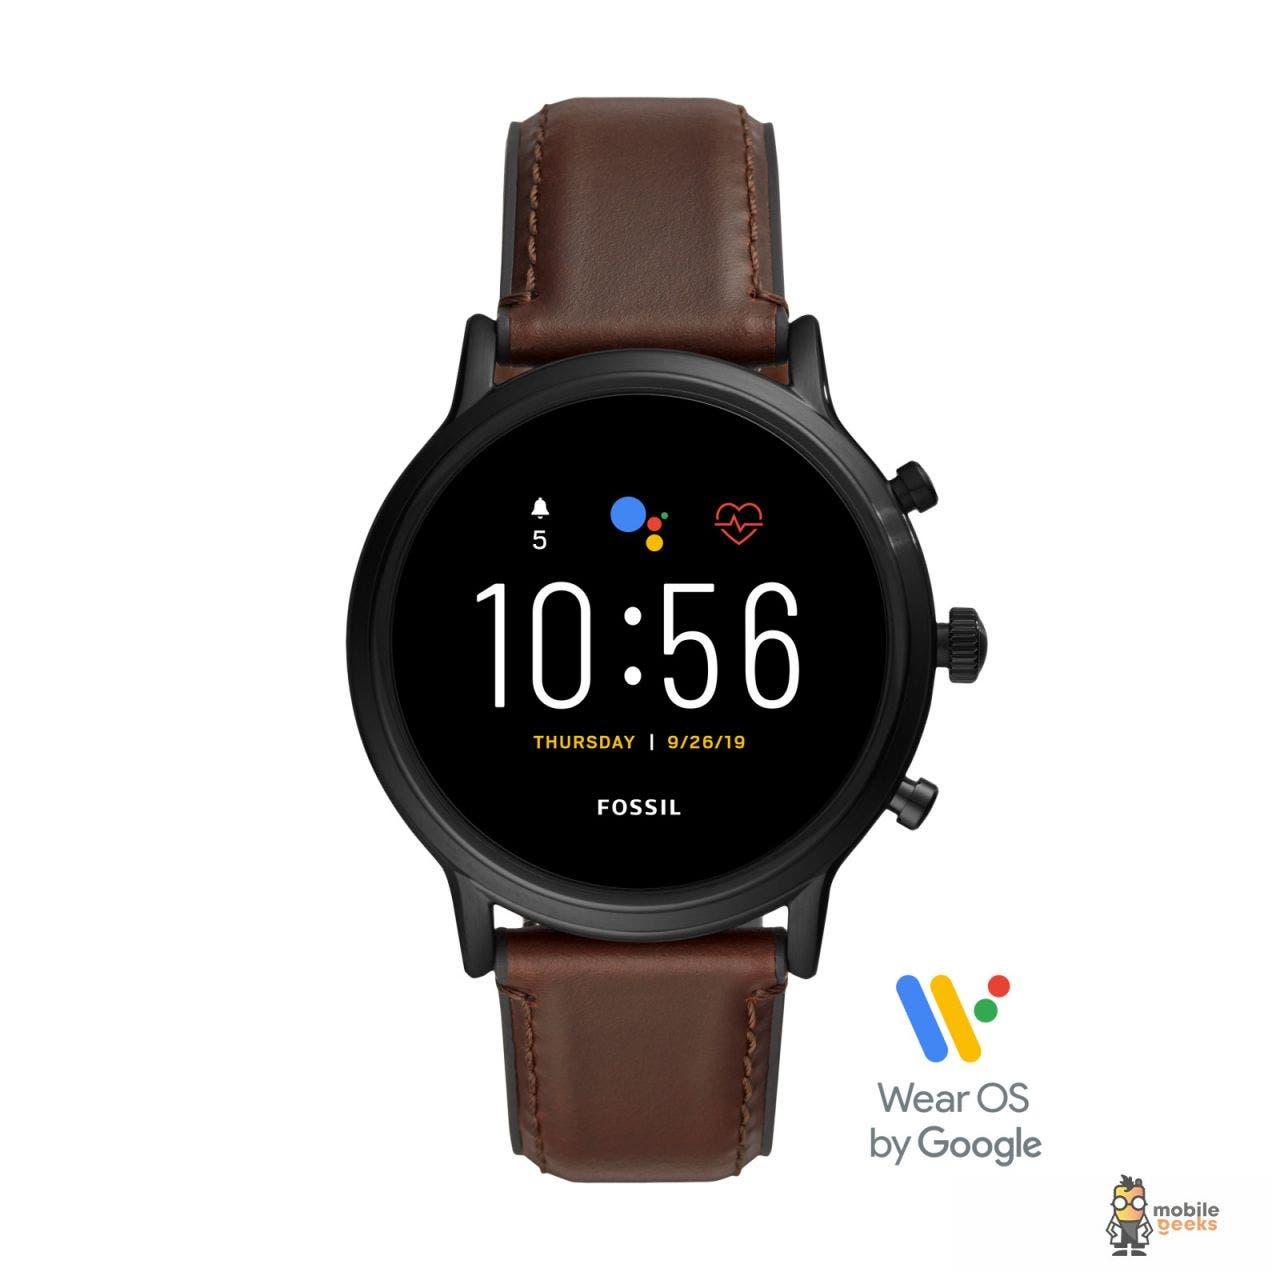 Fossil Gen 5 - Neueste Generation der beliebten Smartwatch ...